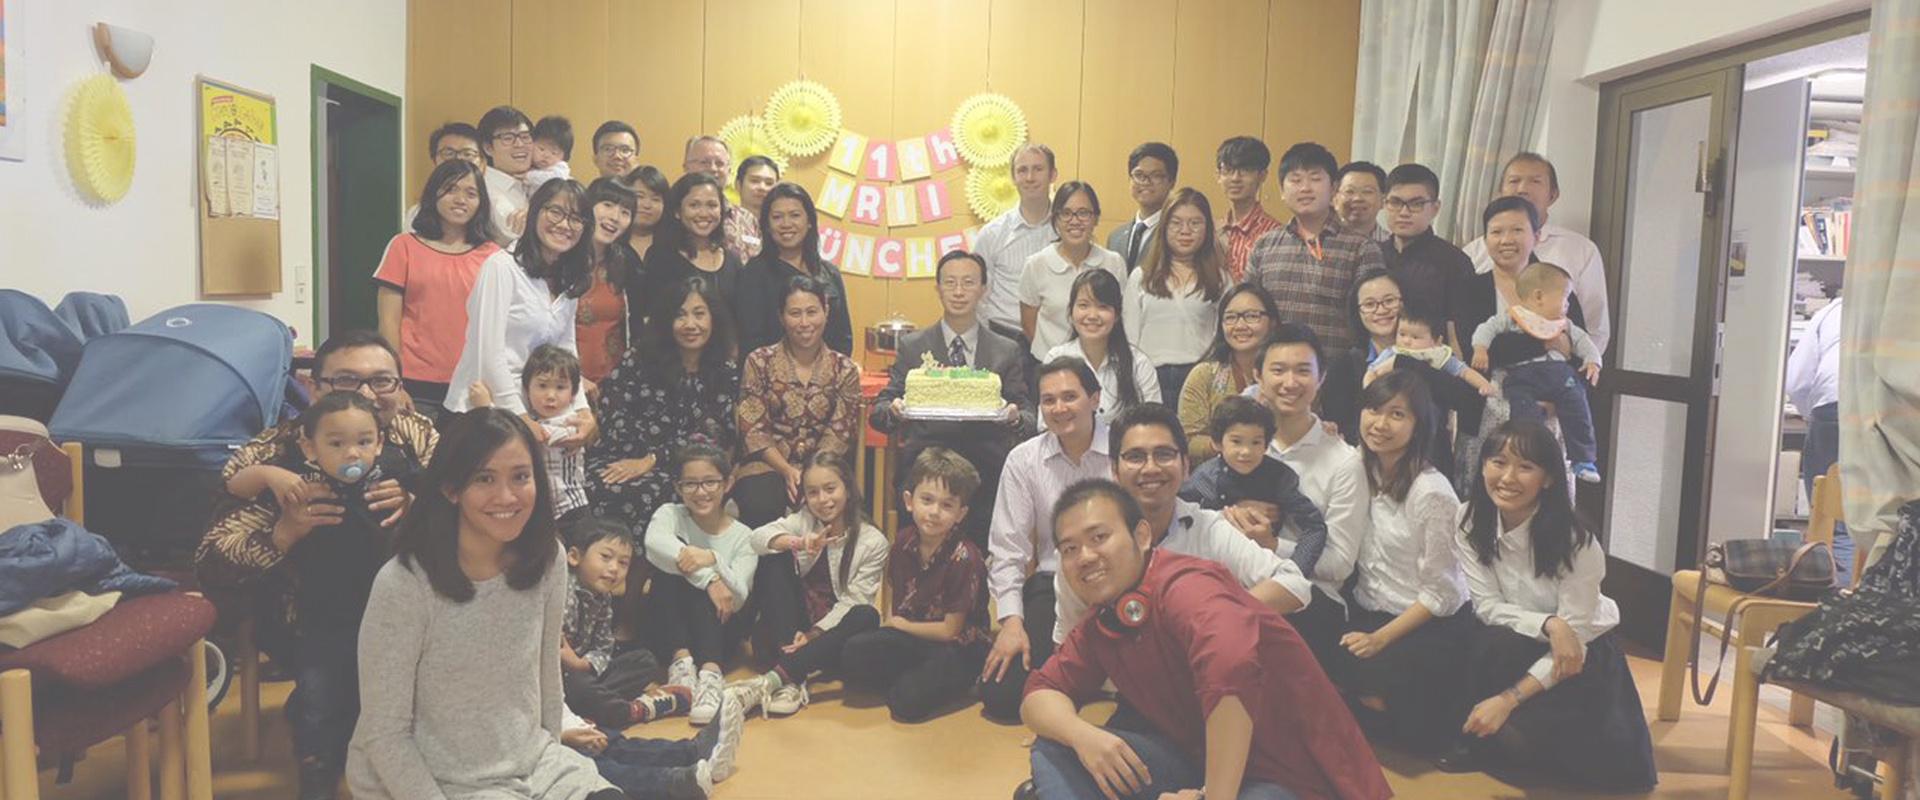 Mimbar Reformed Injili Indonesia – Munich